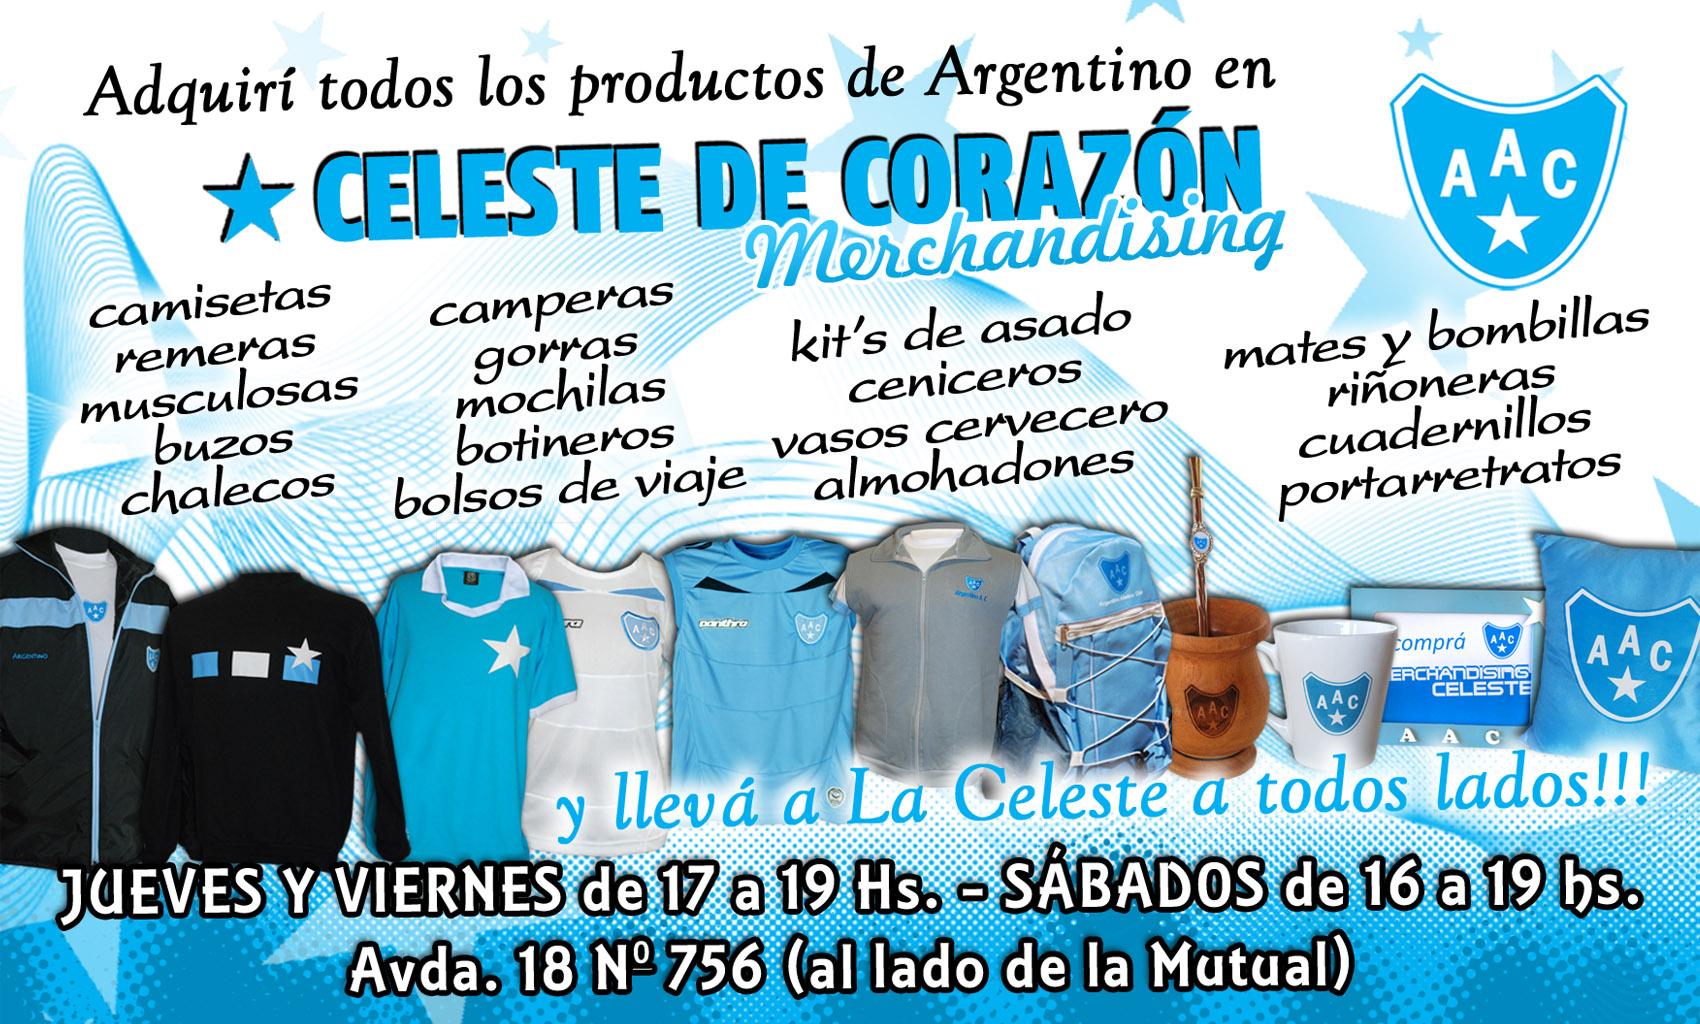 Lleva a Argentino a todos lados